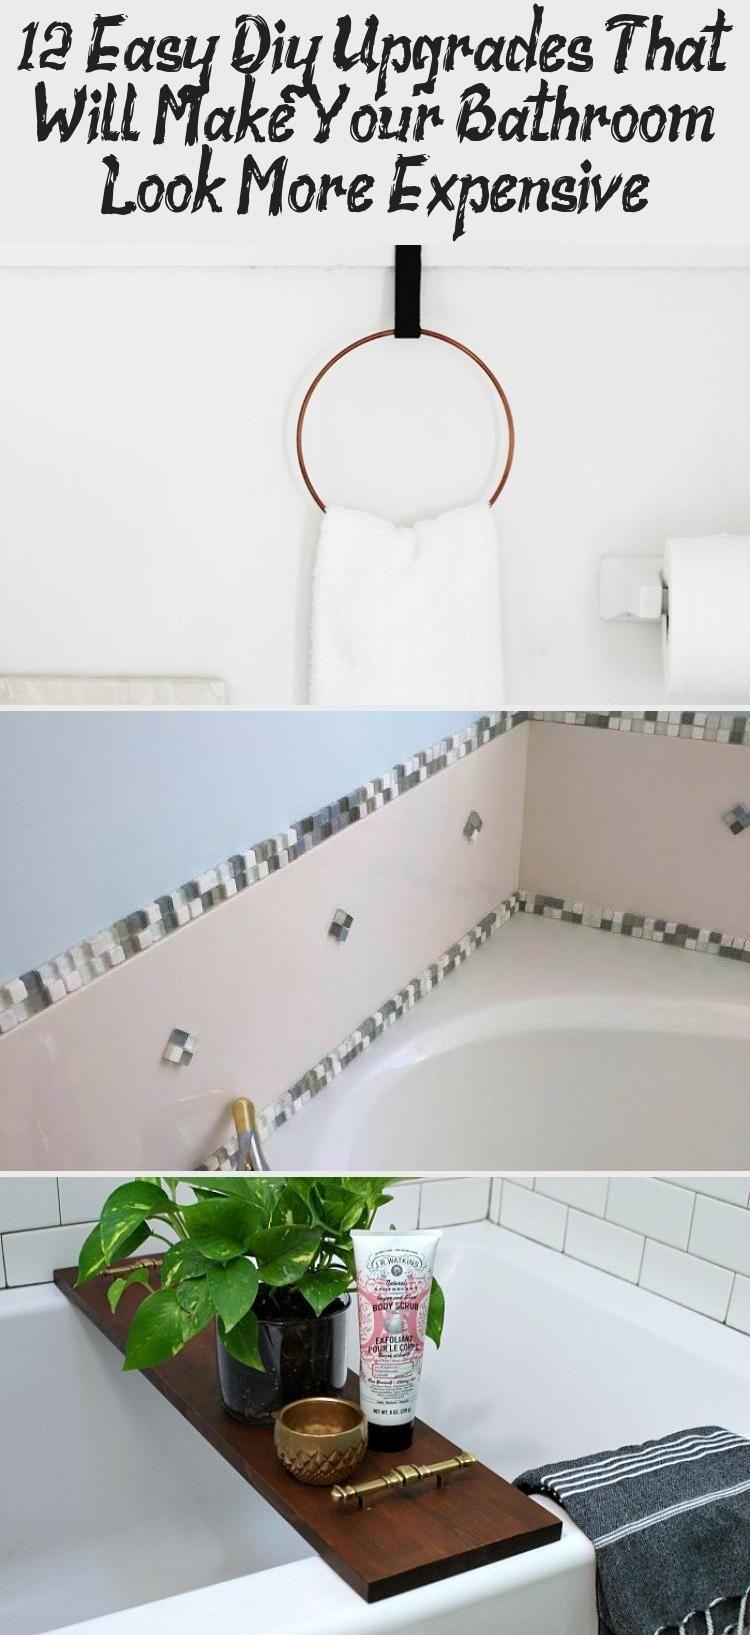 12 Easy Diy Upgrades That Will Make Your Bathroom Look More Expensive - Pinokyo -  12 Easy DIY Upgrades That Will Make Your Bathroom Look More Expensive #EasyDIYBookshelf #EasyDIYJew - #bathroom #DIY #diybedroomdecor #diyhomecrafts #diyhomedecorlighting #easy #easyhomediyupgrades #expensive #Pinokyo #upgrades